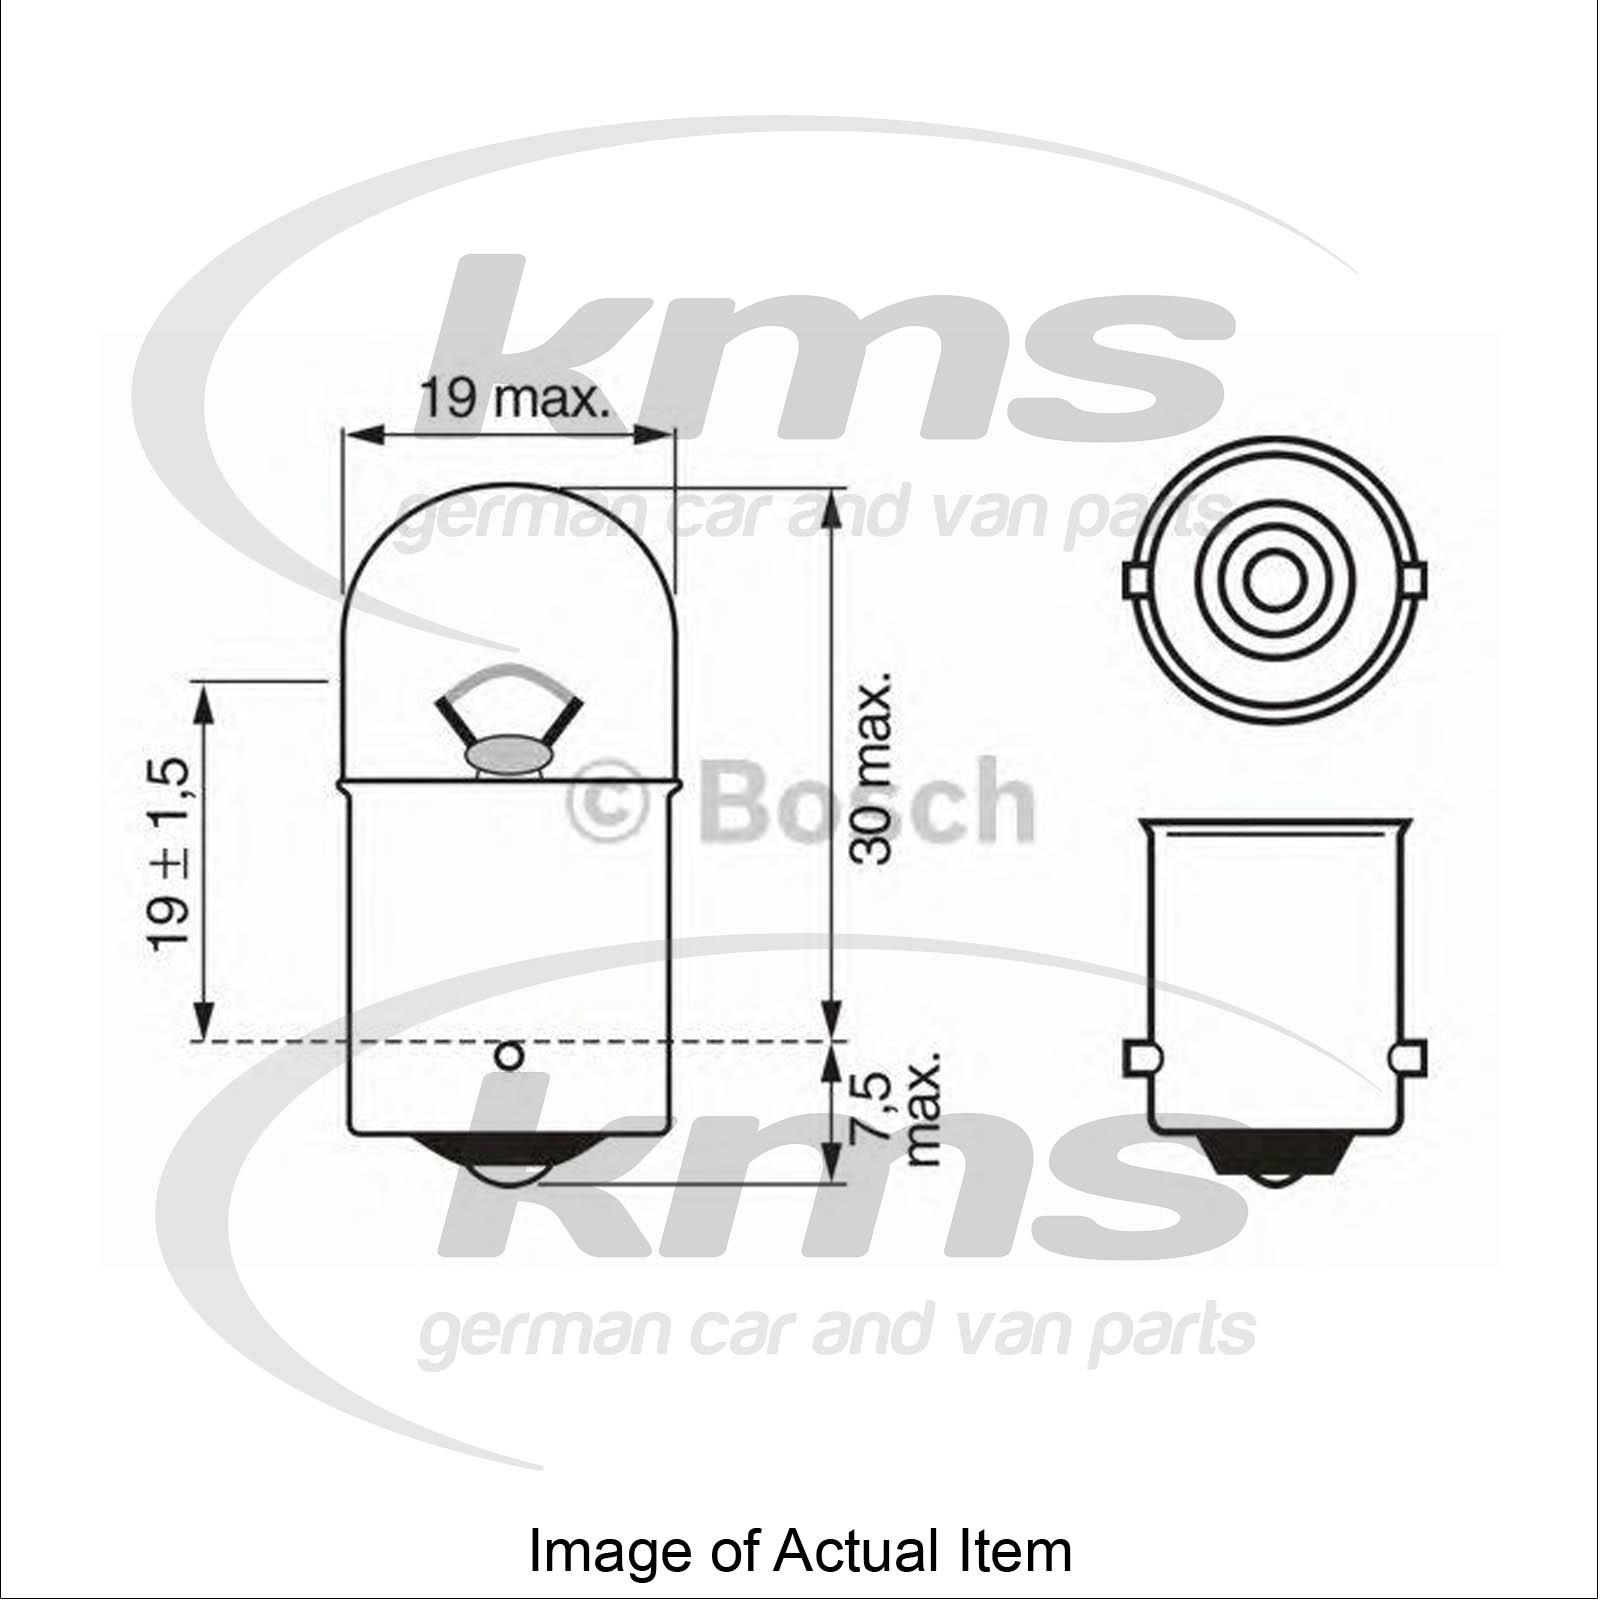 Bulb For Licence Plate Light Mercedes Sprinter 2 T Box